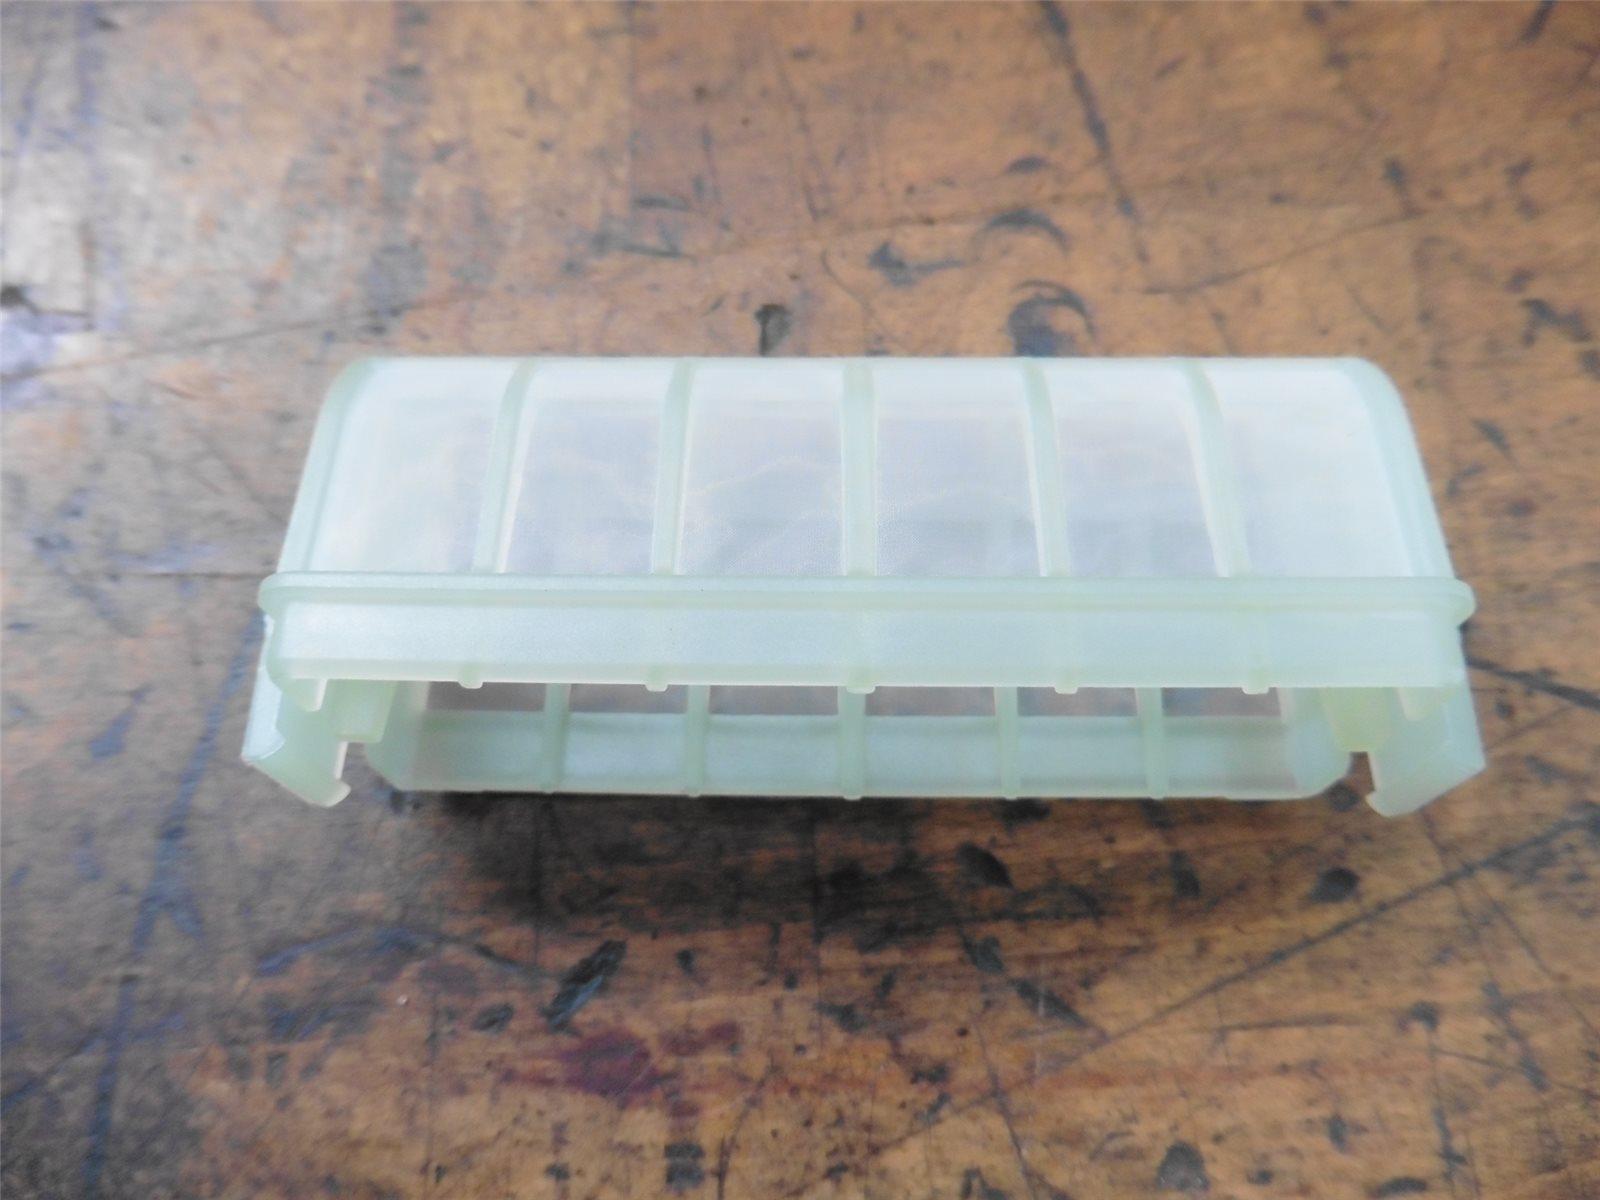 5 Stück Mäherteile Kettensägenluftfilter für Stihl MS250 MS230 MS210 023 025